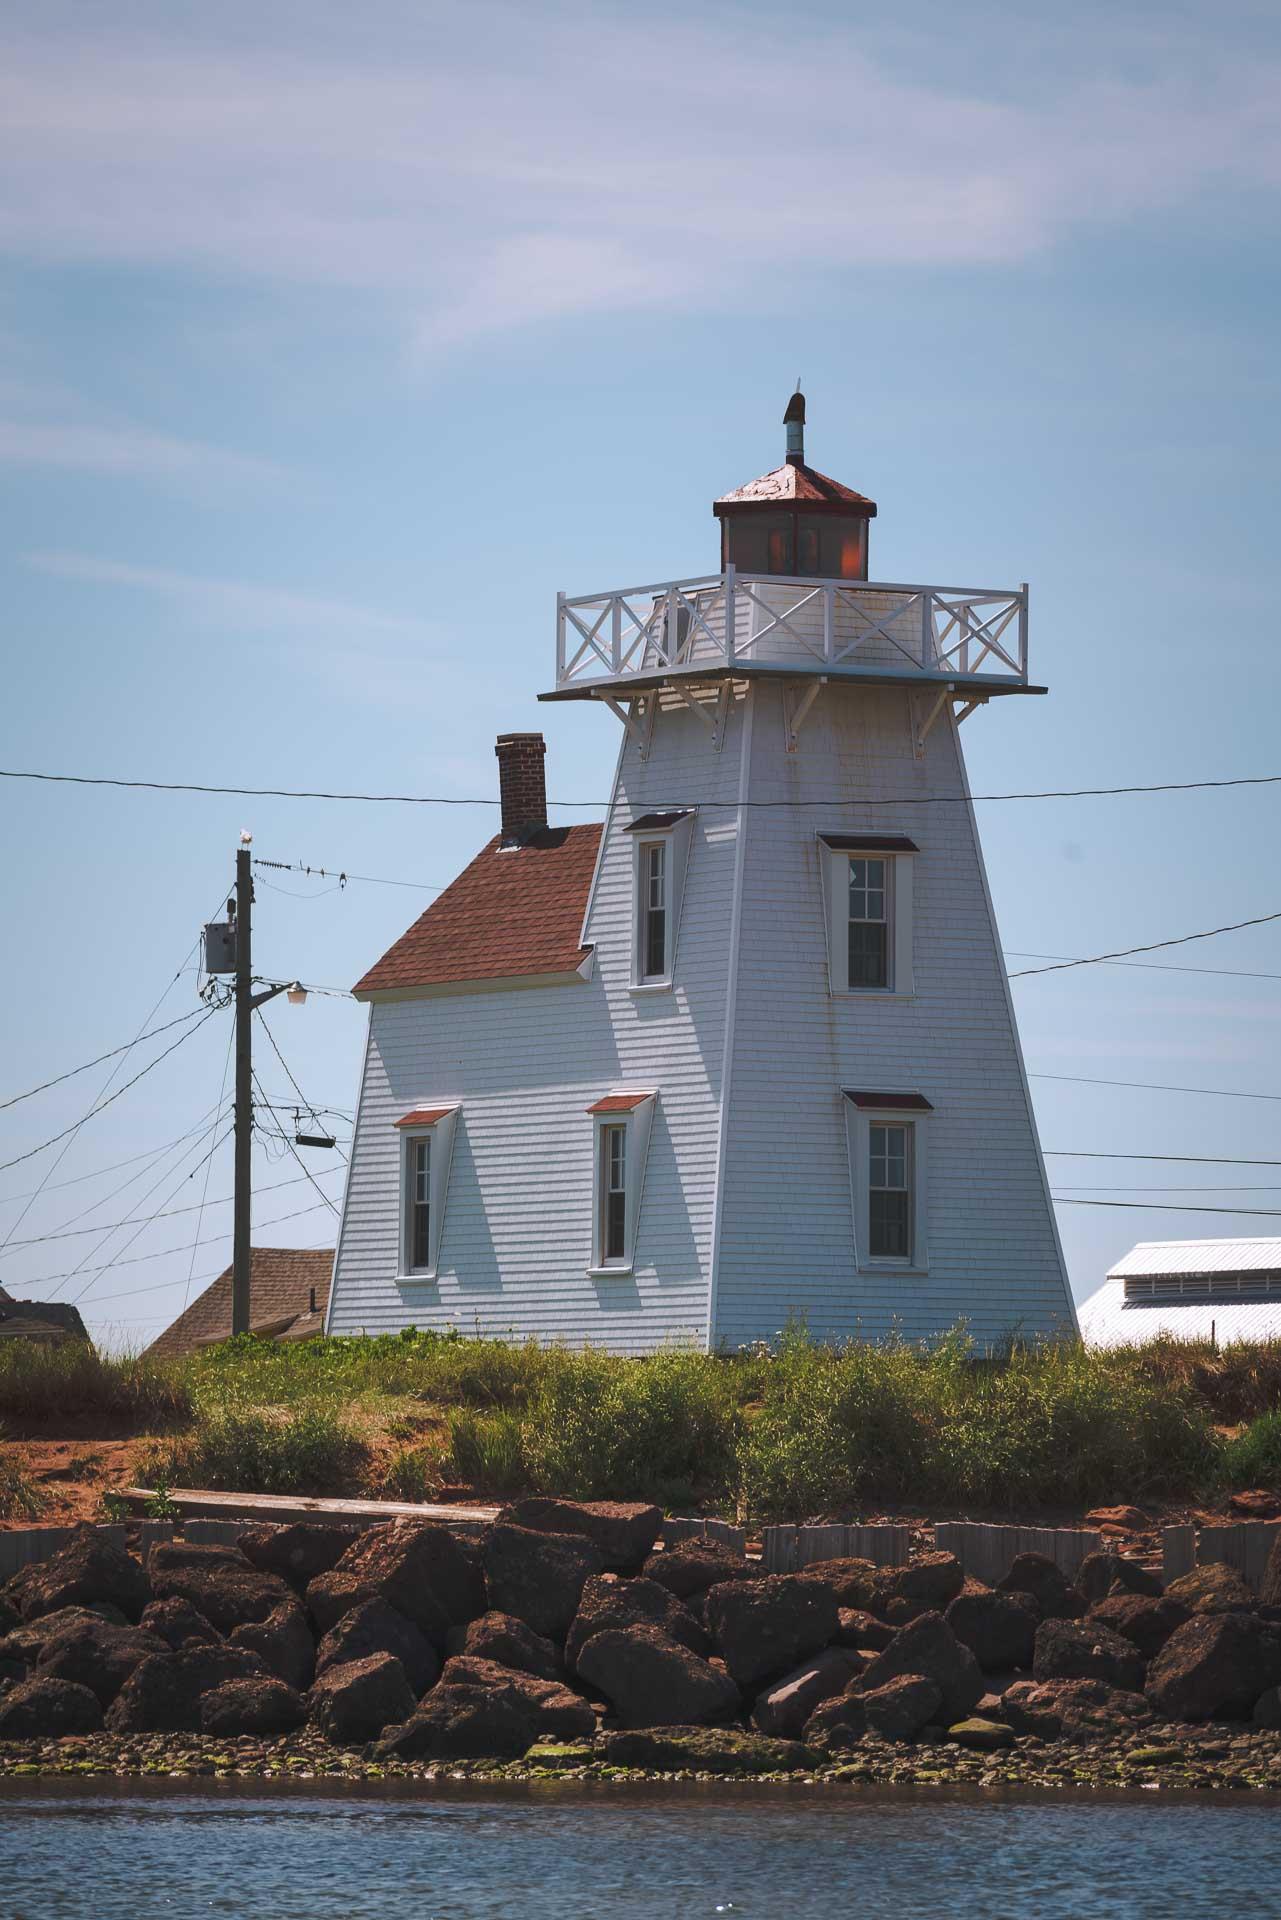 pei lighthouse tour